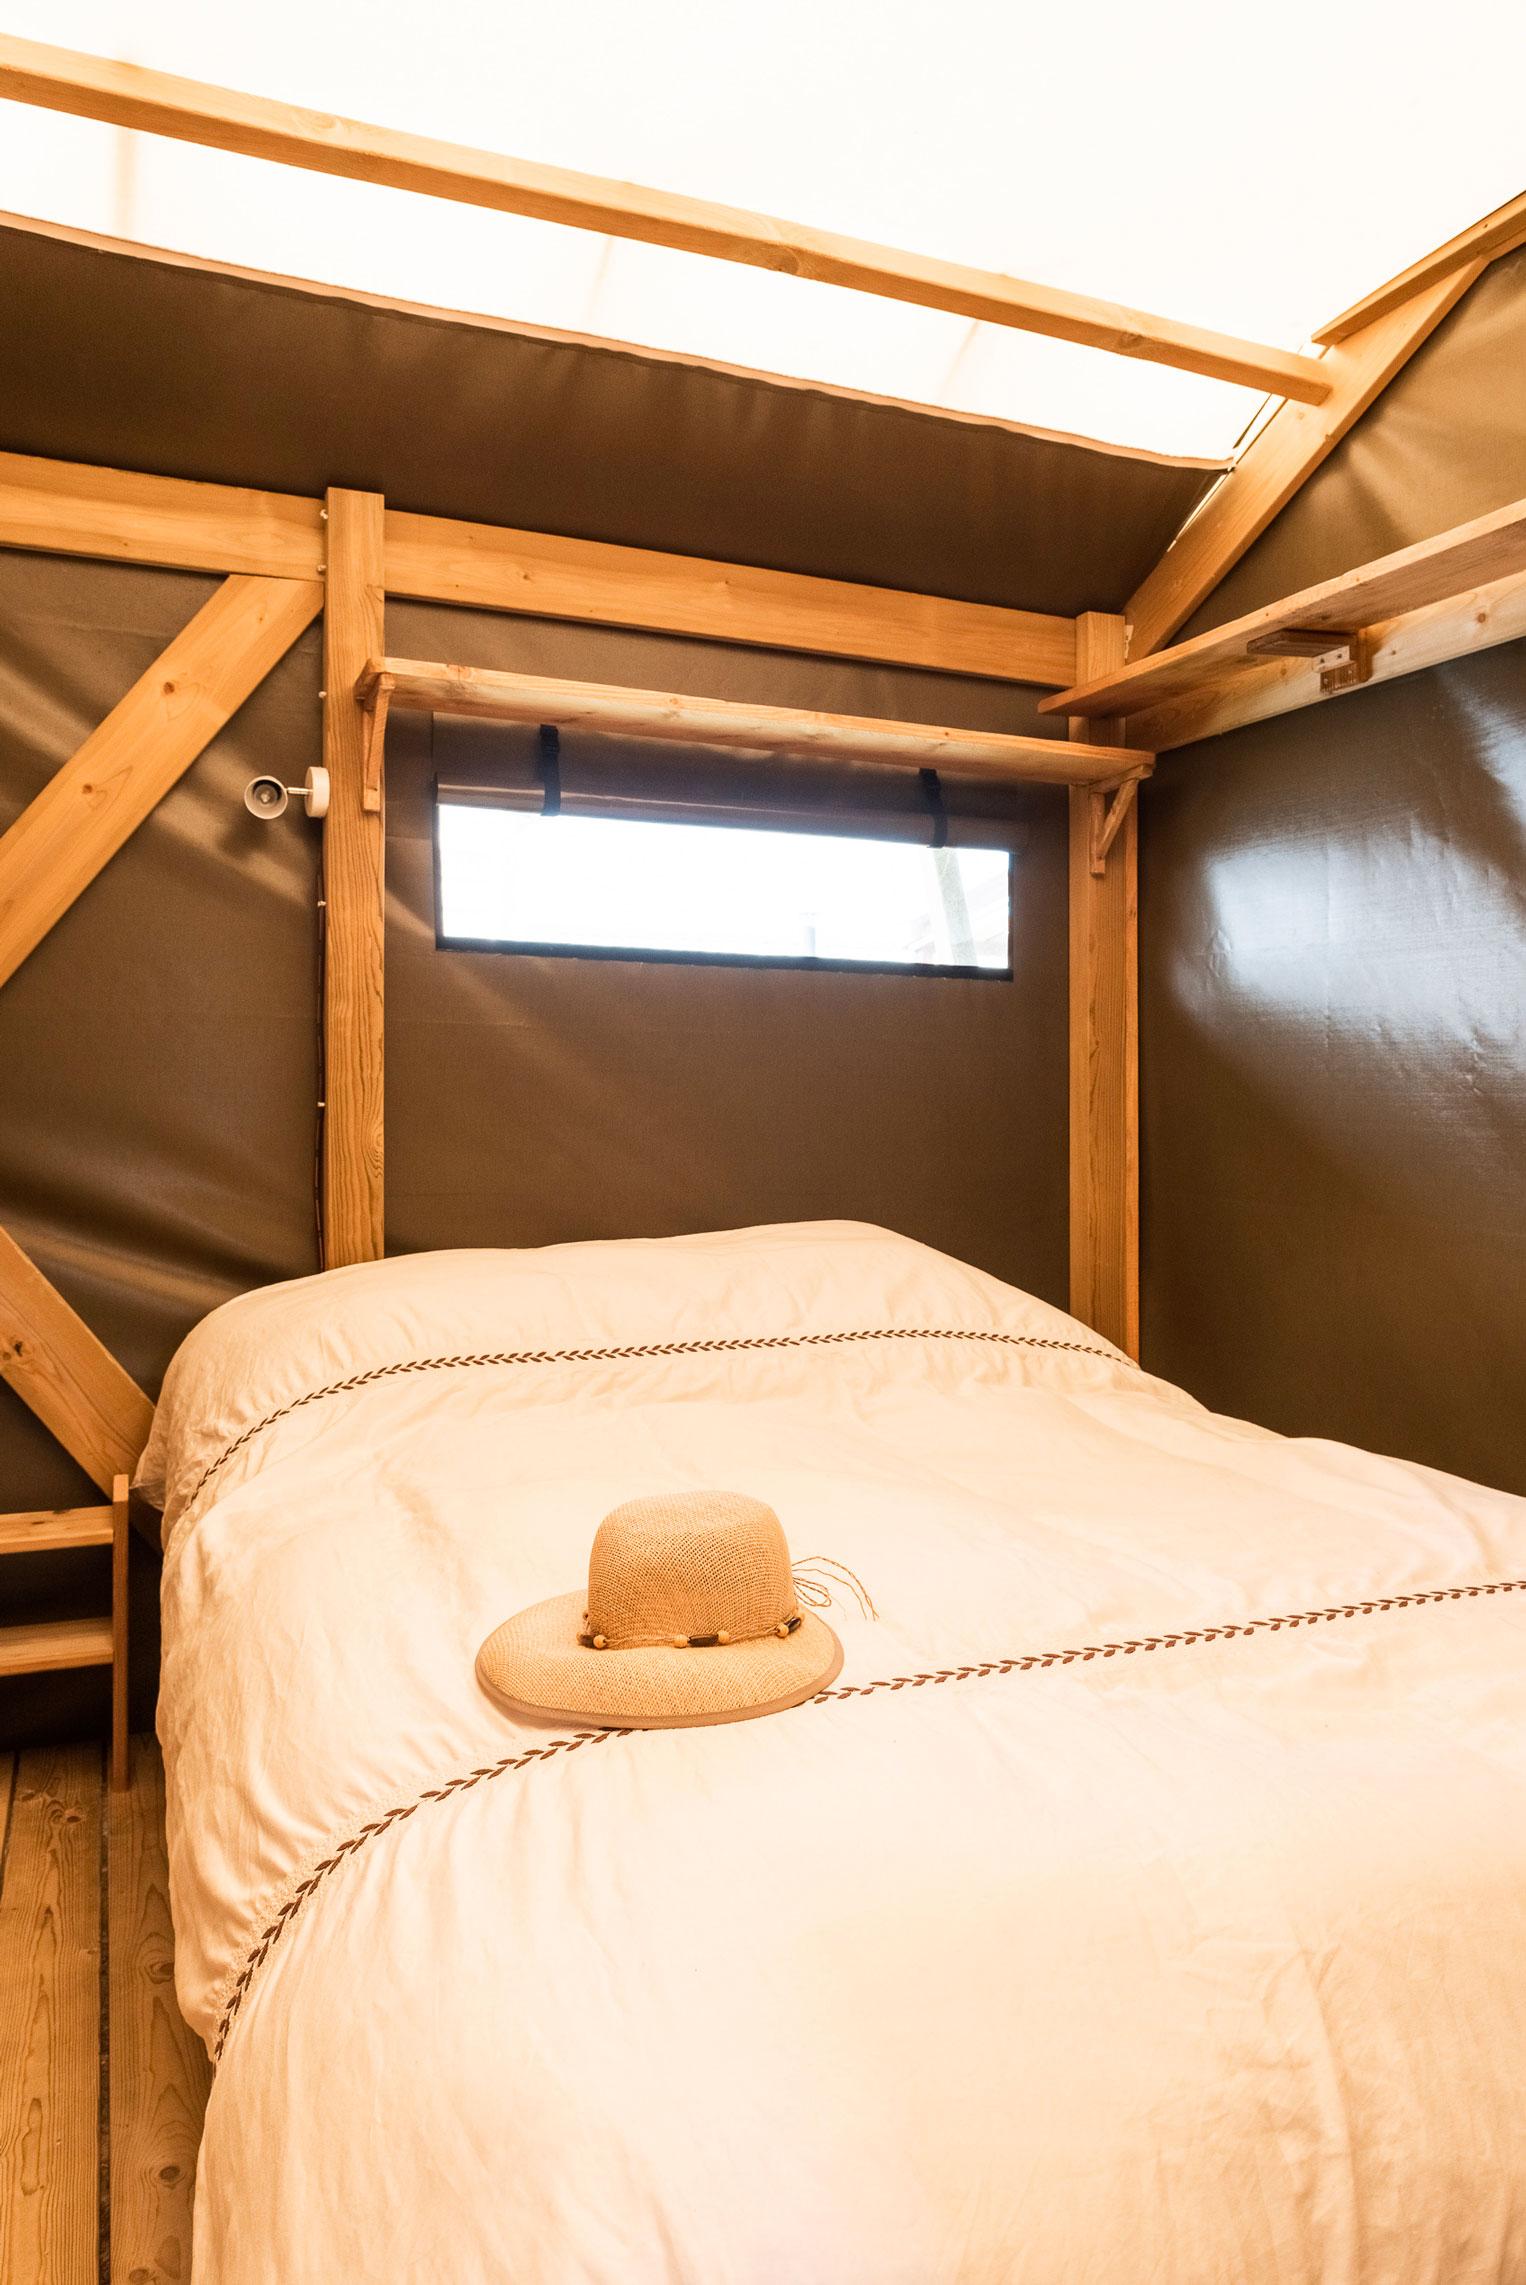 galerie-photos-location-tente-lodge-6-personnes-lit-2-places-camping-le-port-de-moricq